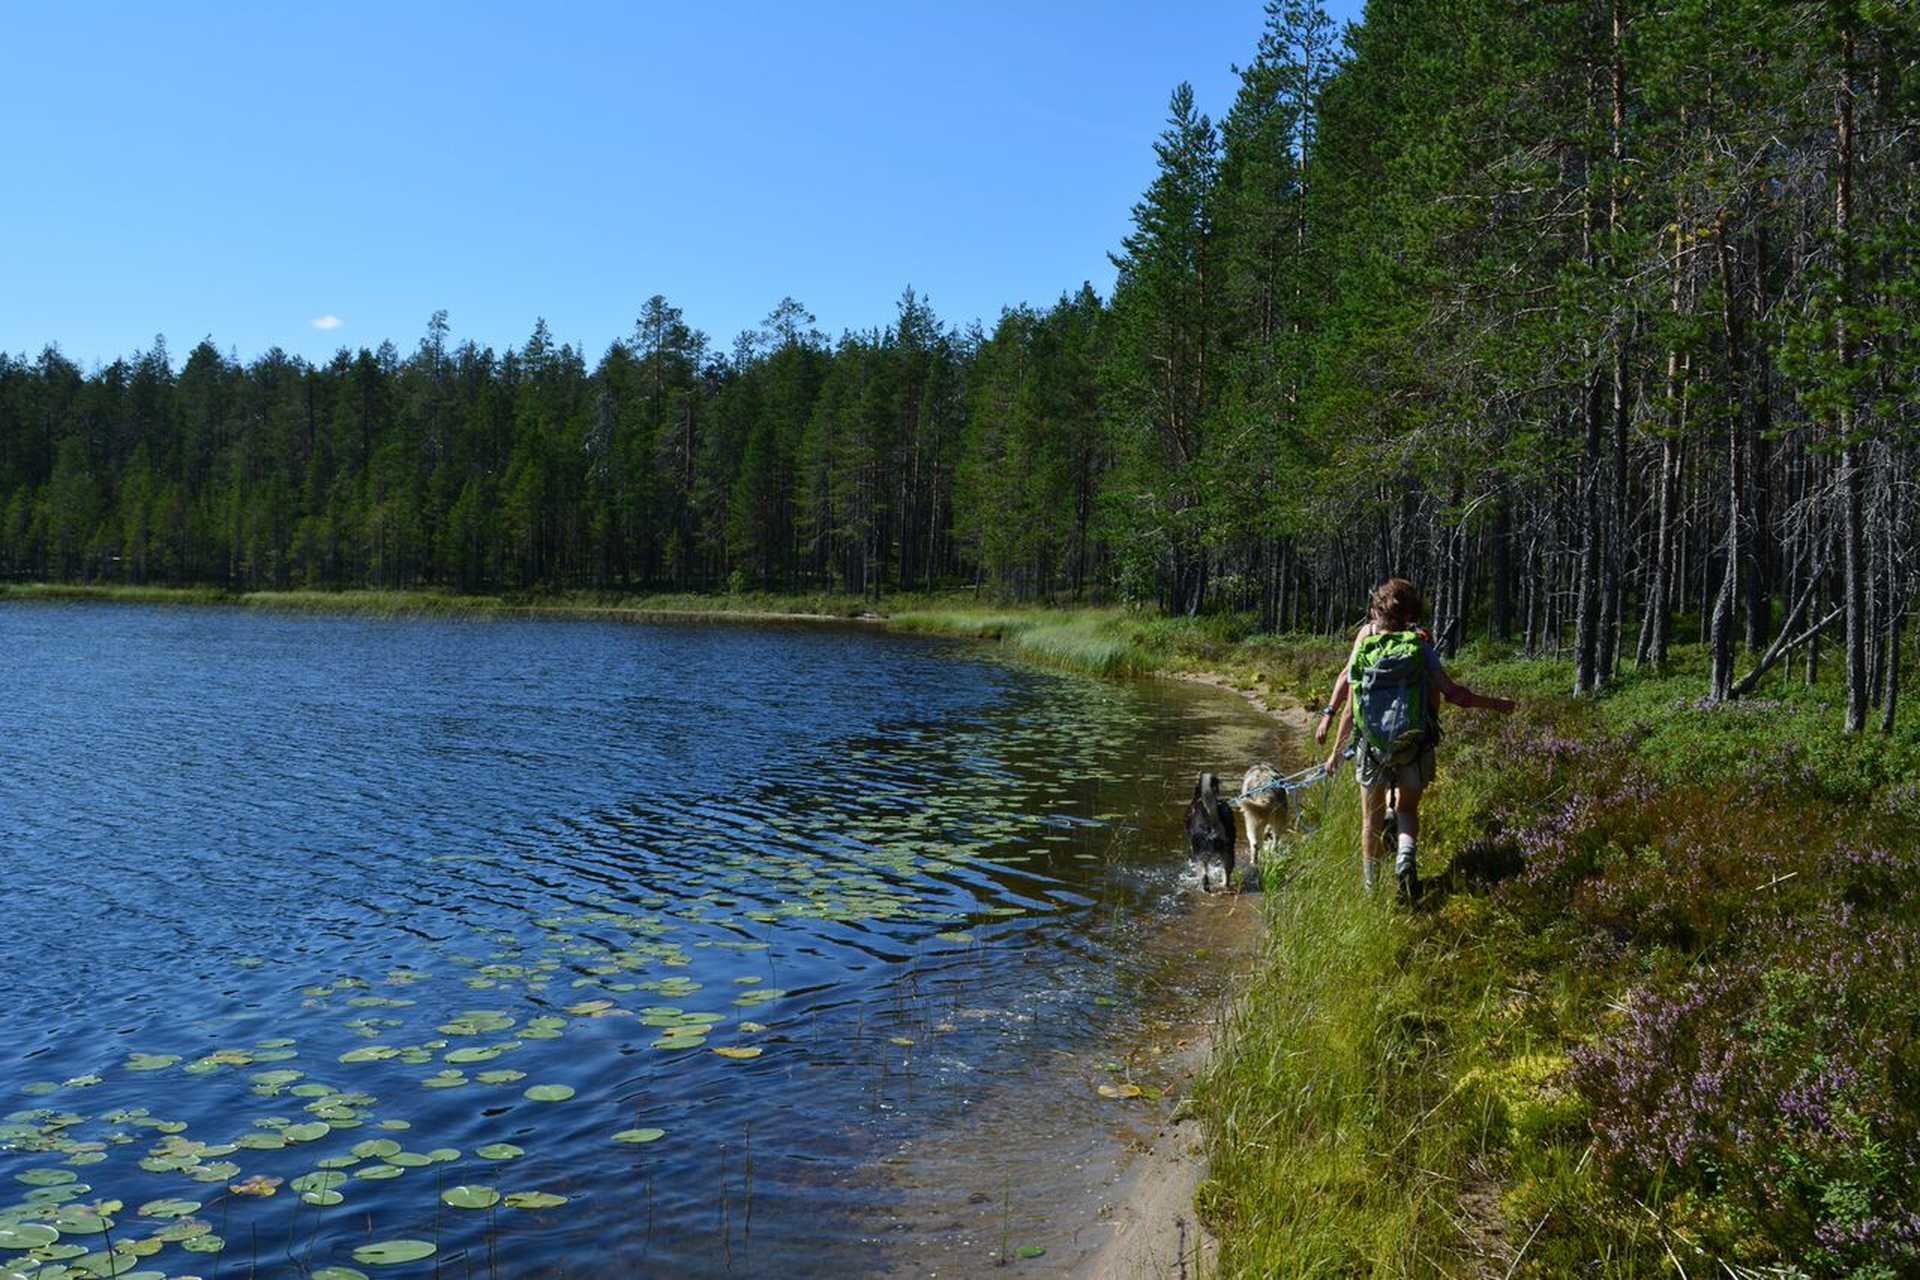 Cani-randonnée en Finlande